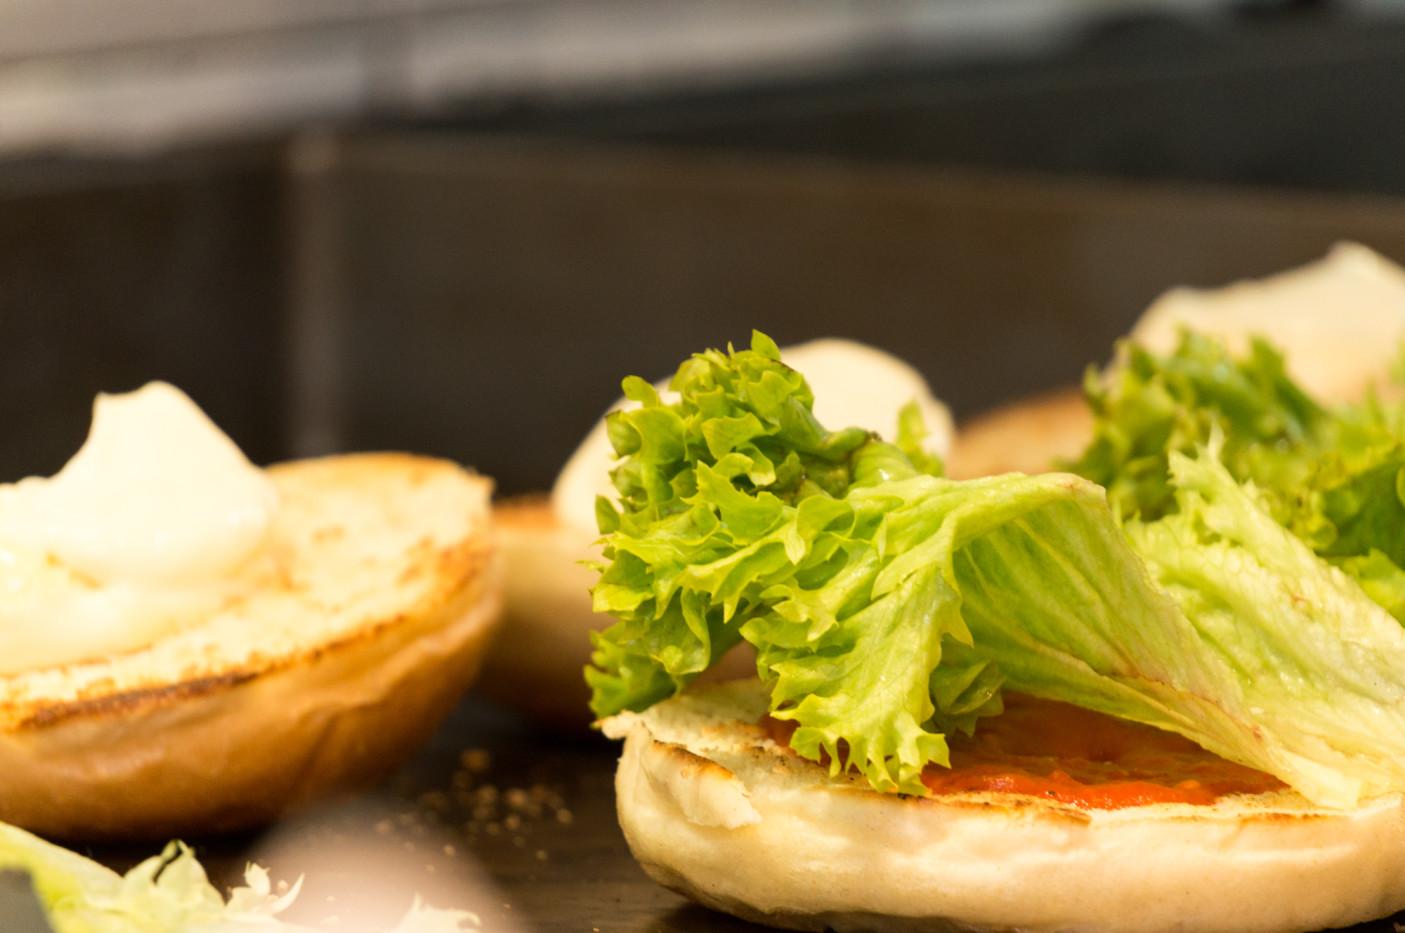 Sosy i składniki w zależności od rodzaju burgera. Mogą być bardzo różne. Od najbardziej klasycznych, po ser pleśniowy i słodkie sosy.